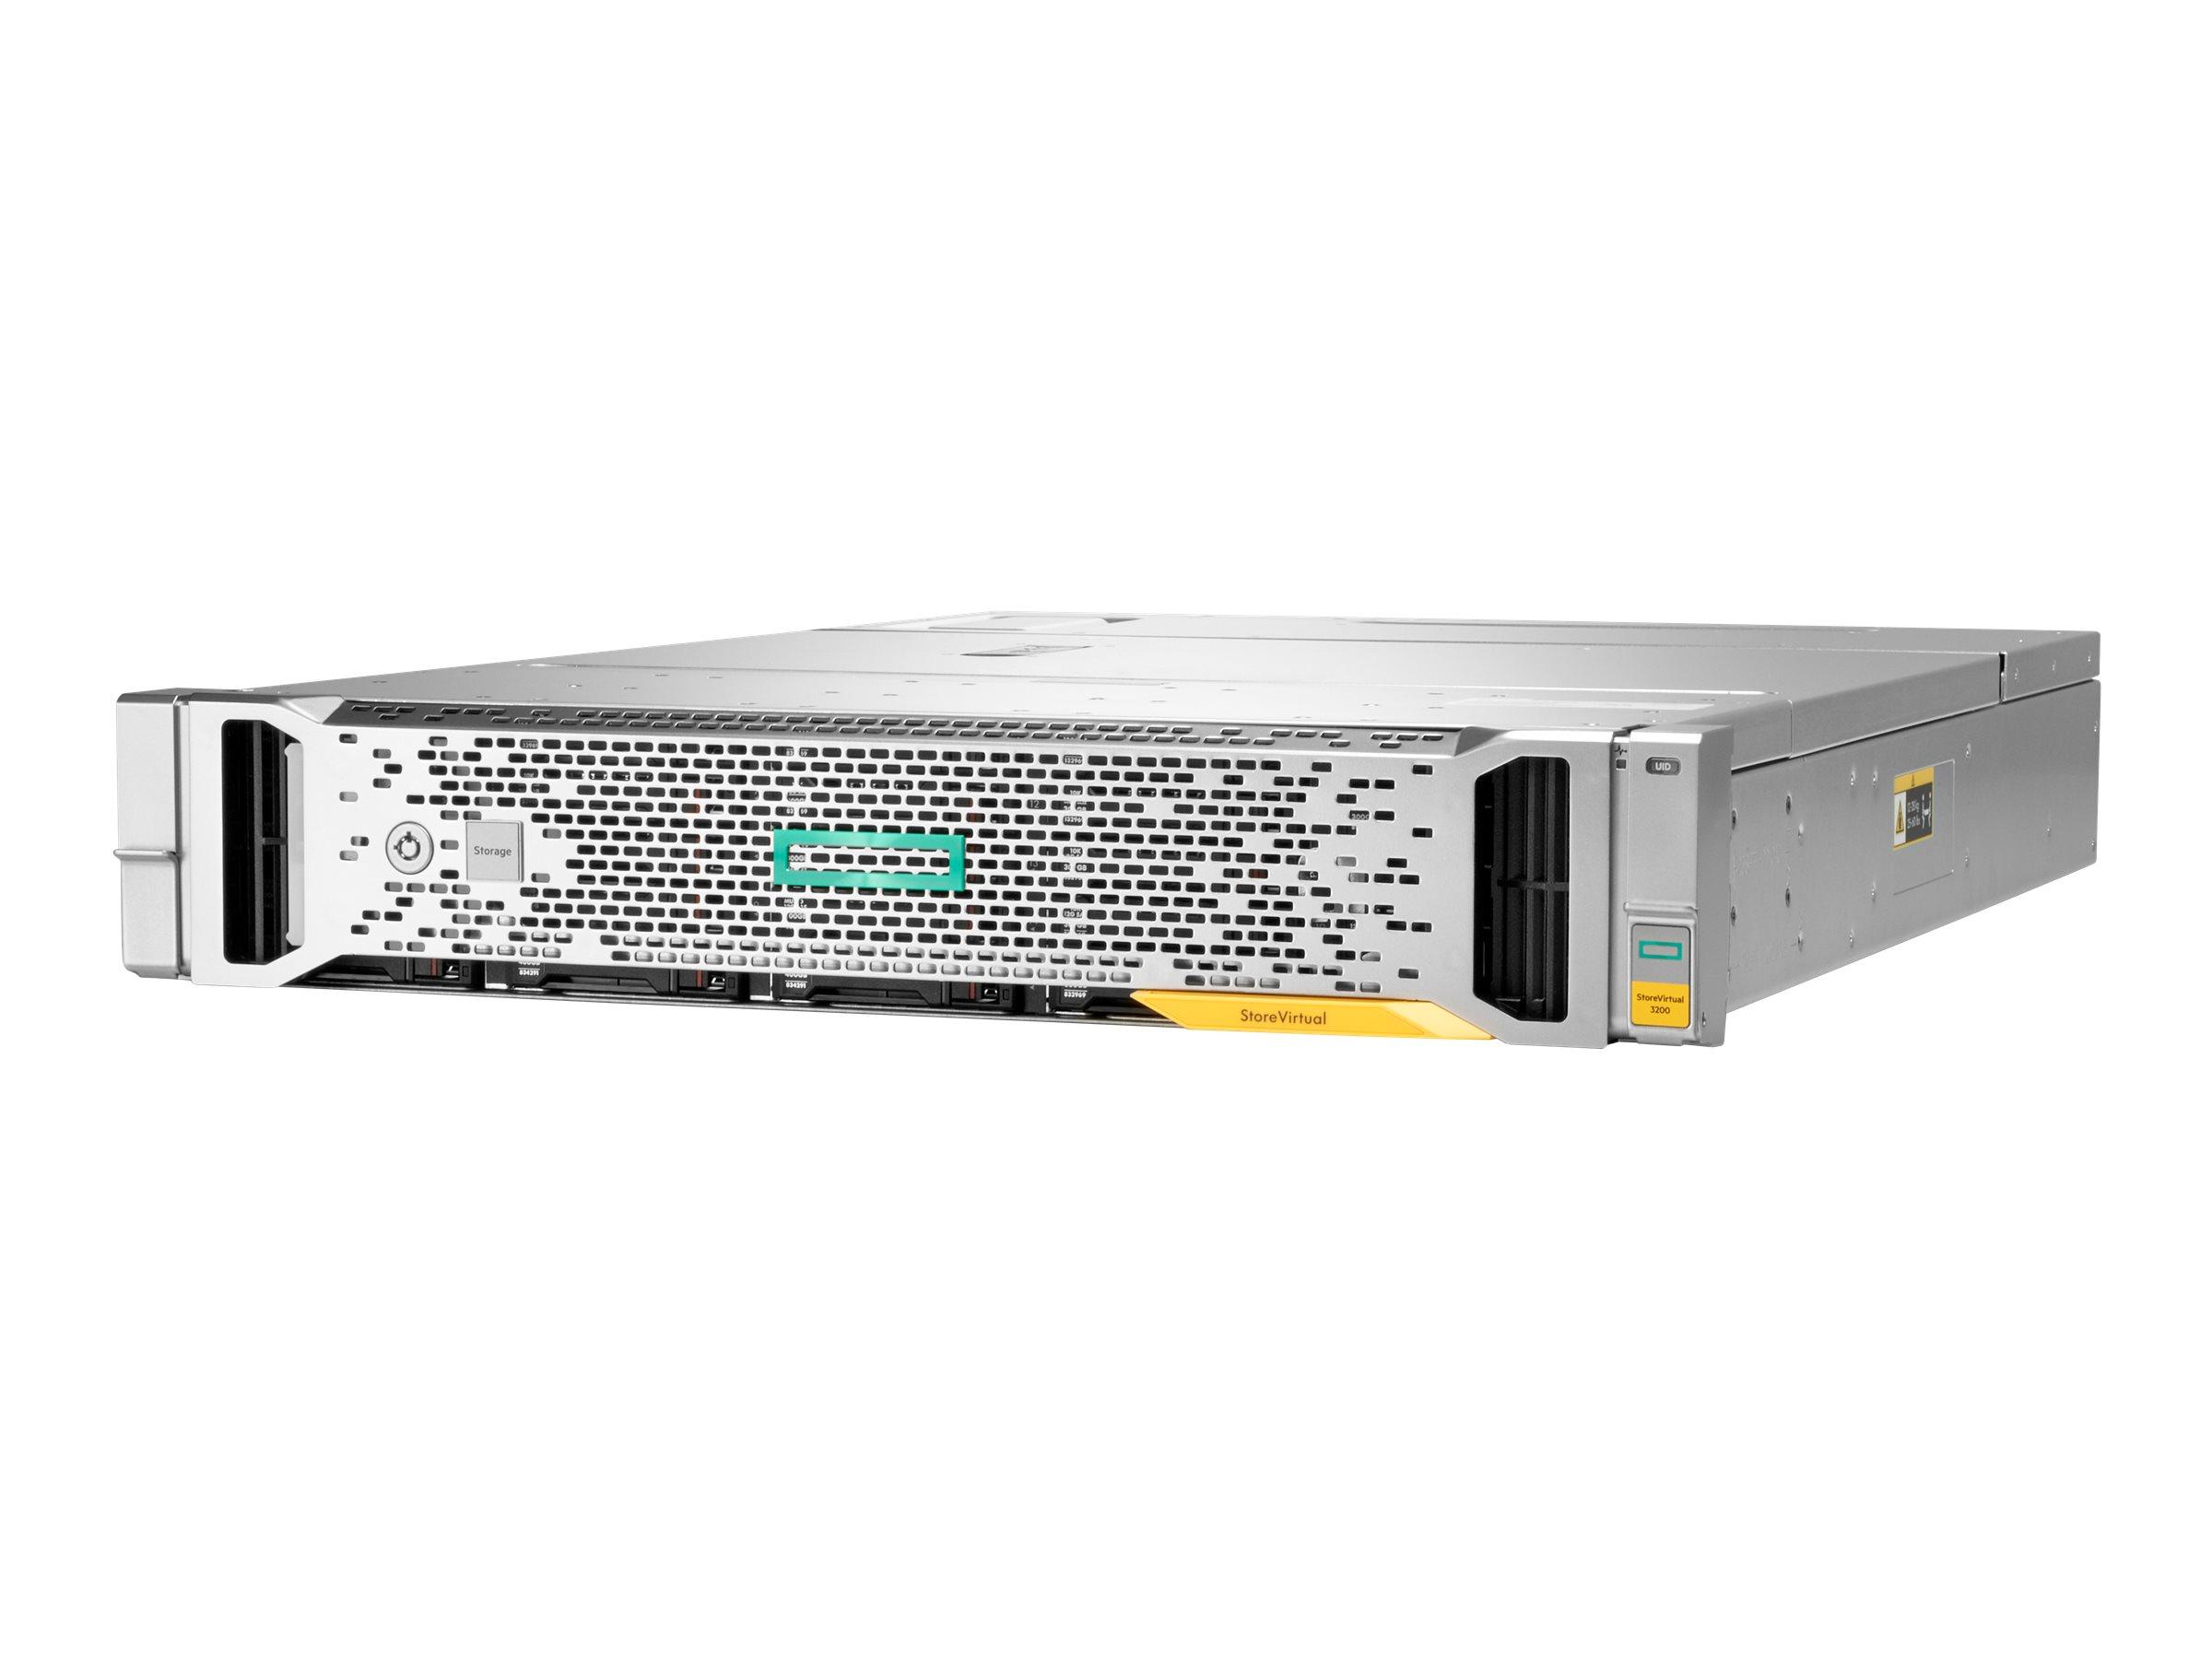 HPE StoreVirtual 3000 - Speichergehäuse - 12 Schächte (SAS-3) - Rack - einbaufähig - 2U